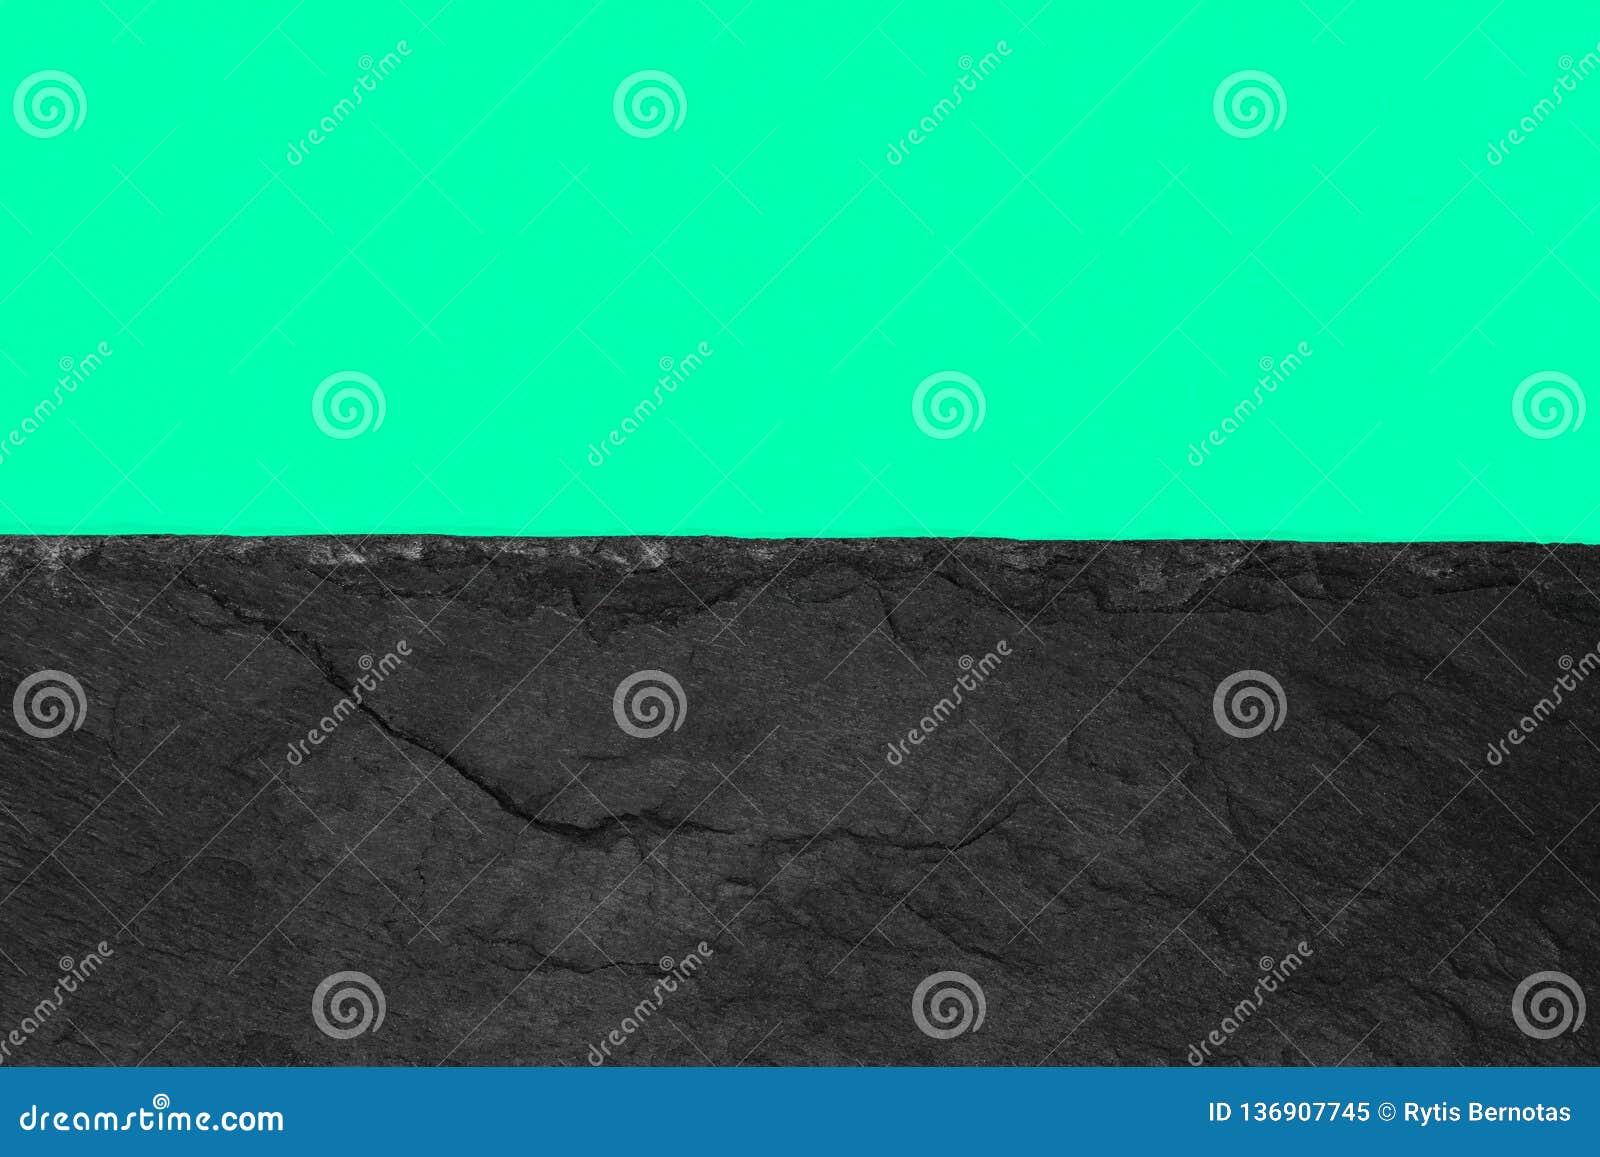 Αφηρημένη σύνθεση υποβάθρου διαιρεσμένος στο μισό ζωηρό μαλακό πράσινο έγγραφο χρώματος και τη μαύρη πέτρα με το διάστημα αντιγρά